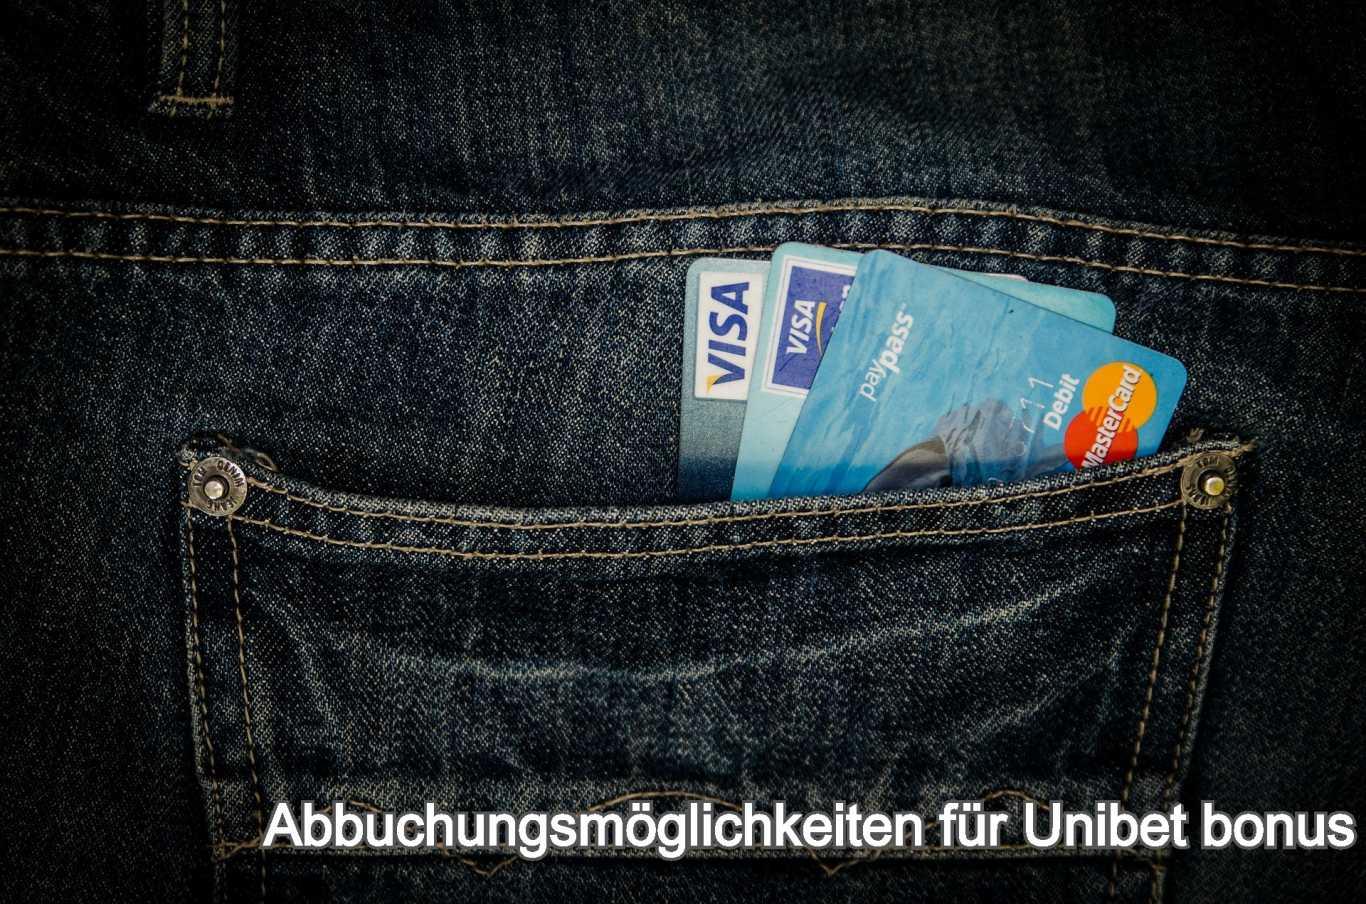 Abbuchungsmöglichkeiten für Unibet bonus